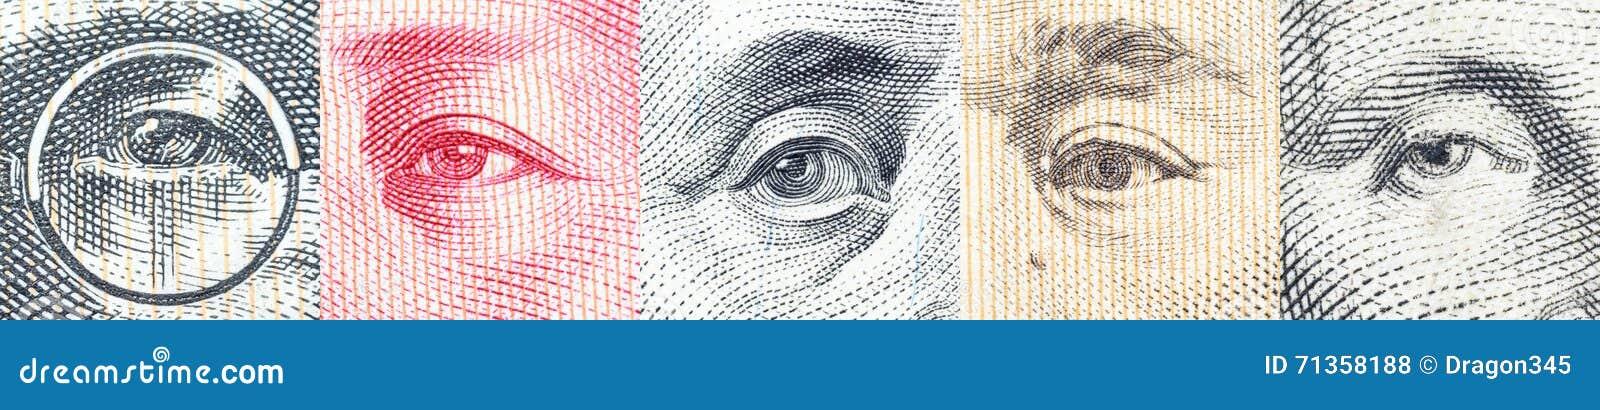 Portretten/beelden/de ogen van beroemde leider op bankbiljetten, munten van de meest dominante landen in de wereld